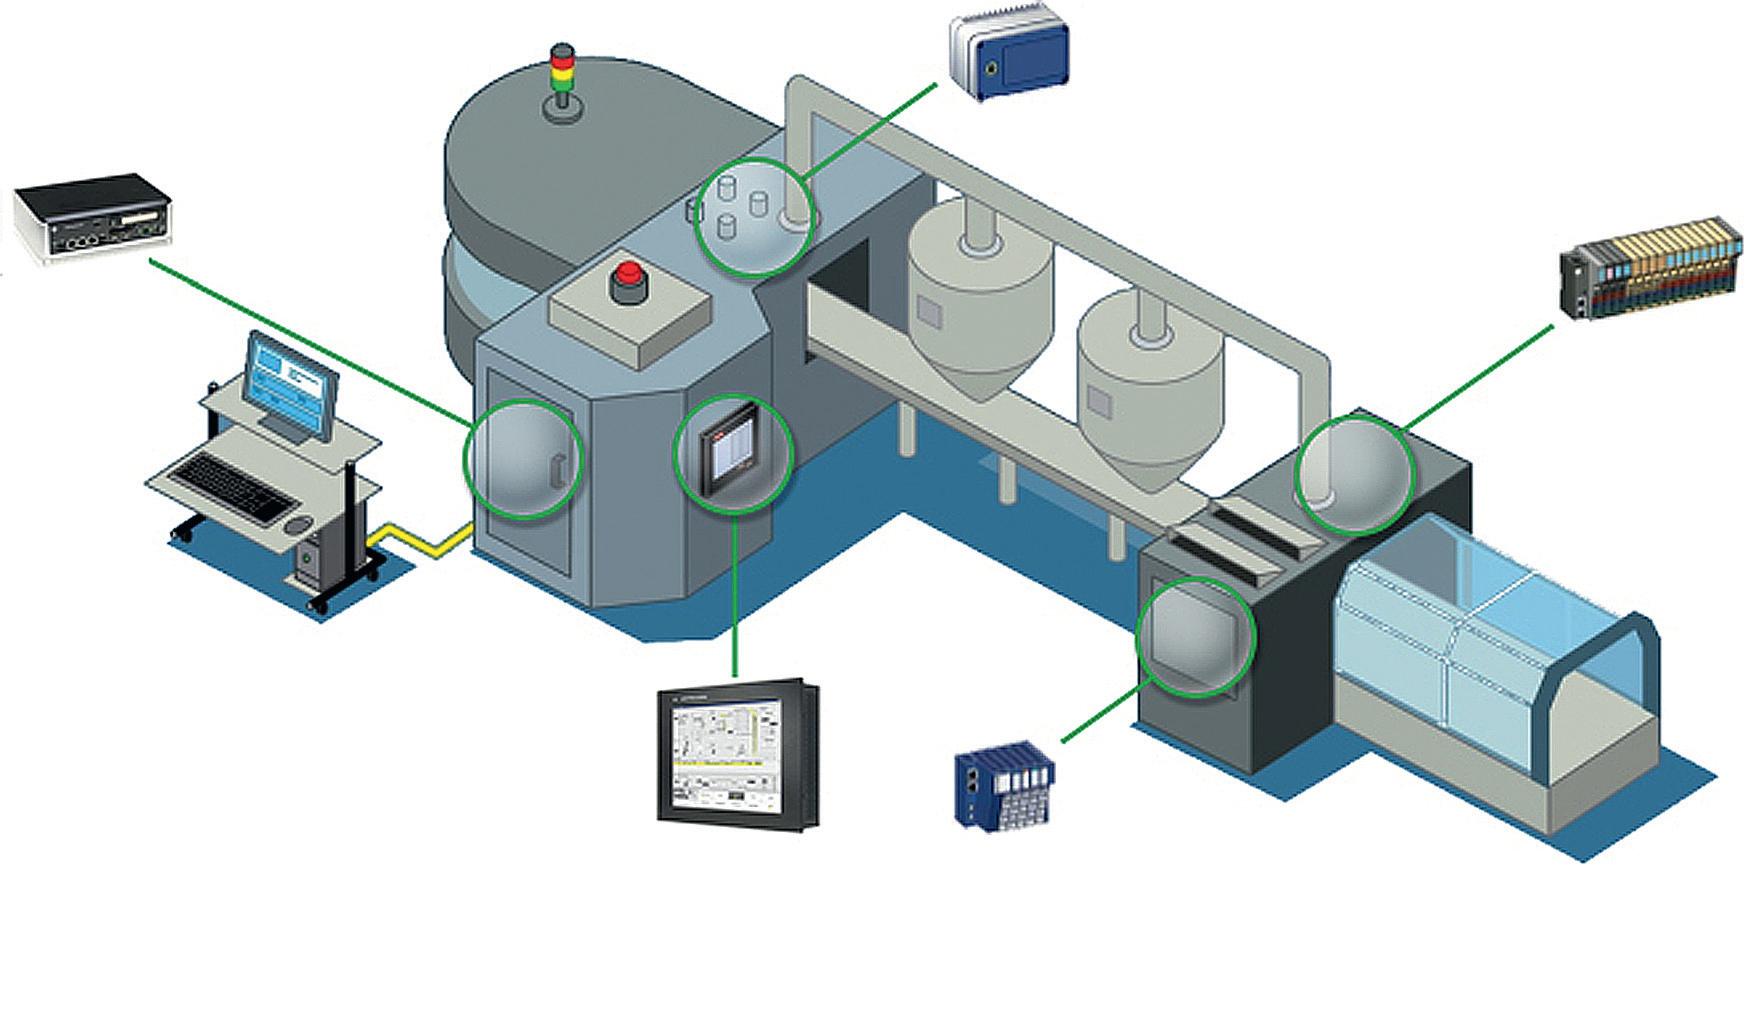 Schemat linii produkcyjnej z wykorzystaniem komputerów przemysłowych Astraada oraz GE Intelligent Platforms